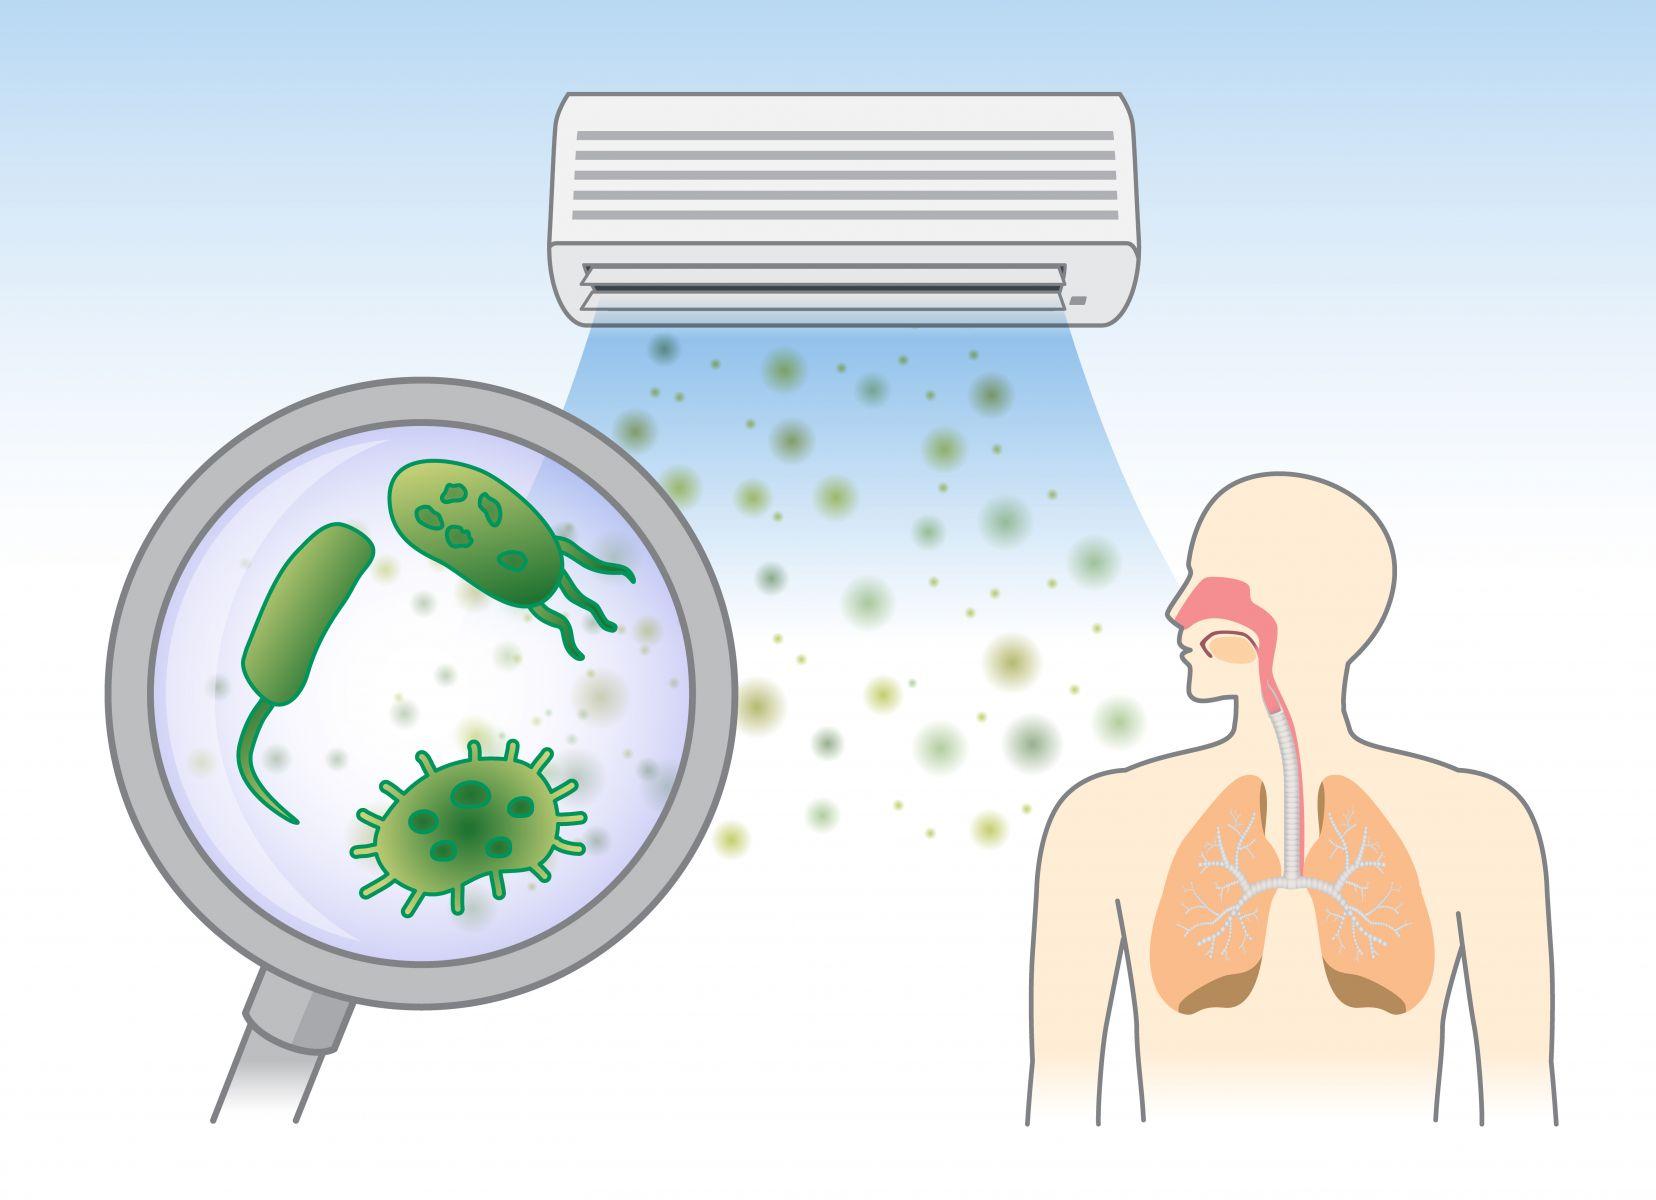 頭痛、皮膚癢、鼻水不止、莫名咳嗽 原來是「室內髒空氣」惹的禍!